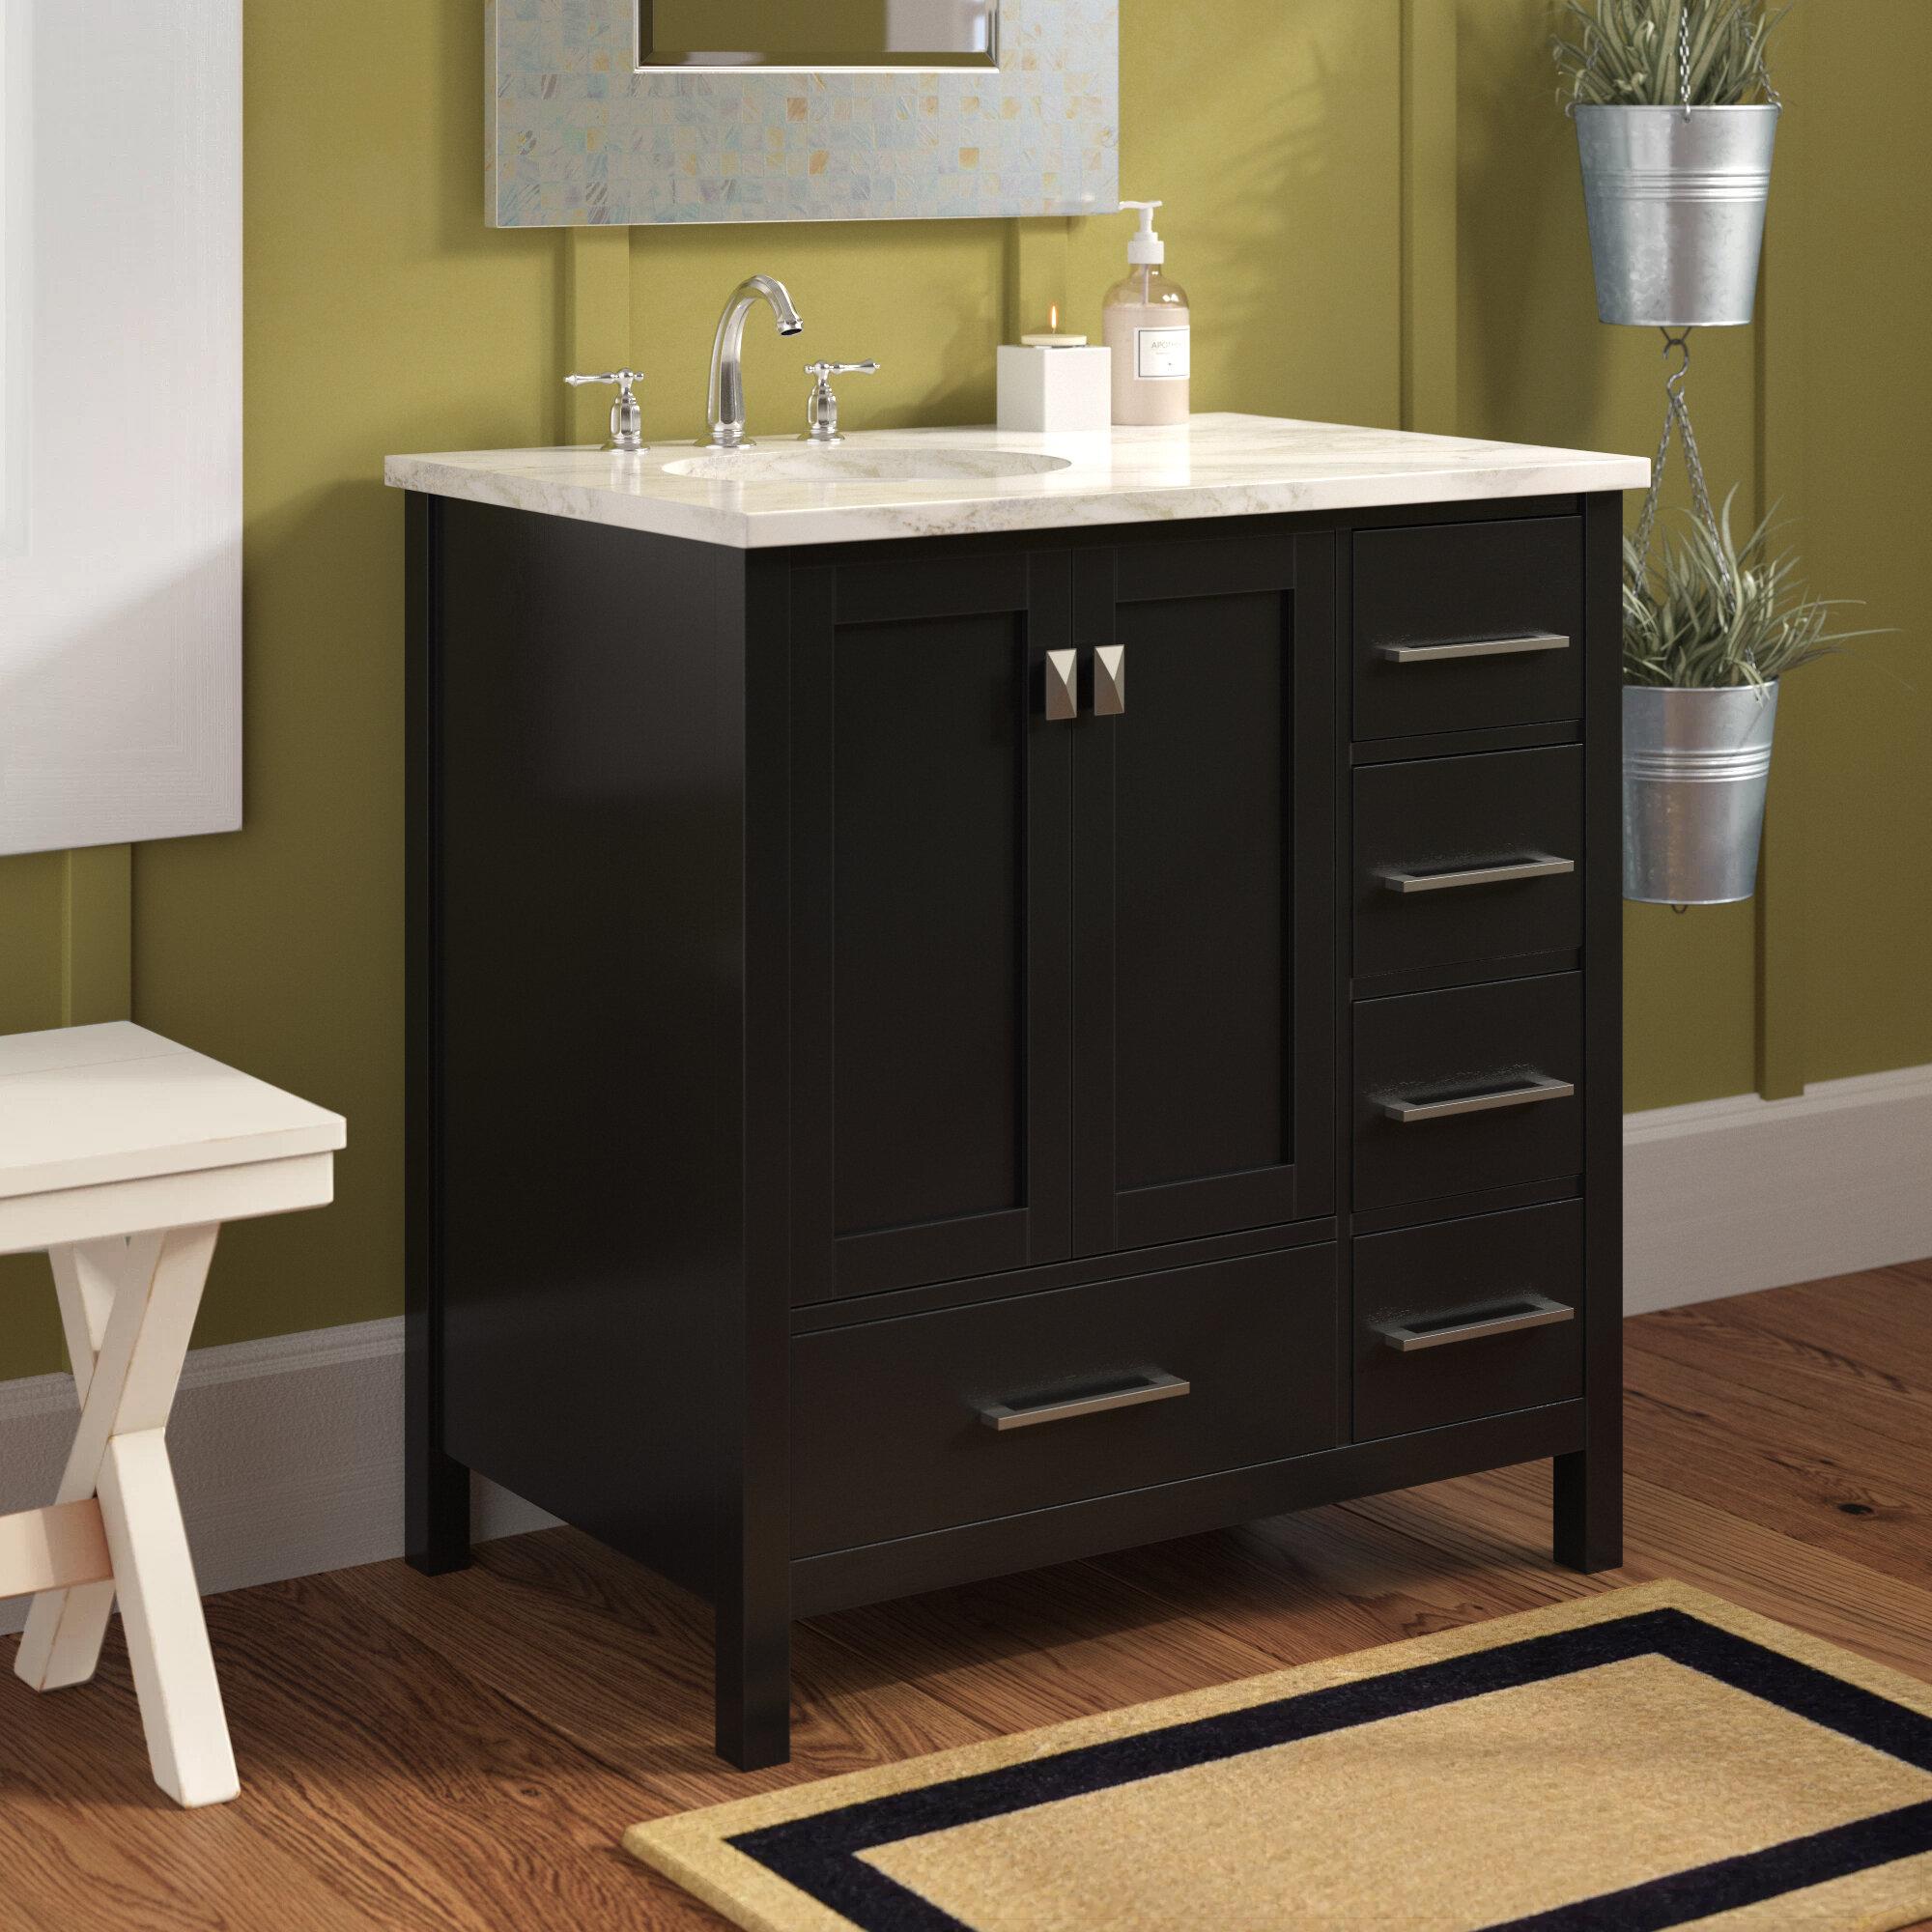 Andover Mills Broadview 32 Single Bathroom Vanity Set Reviews Wayfair